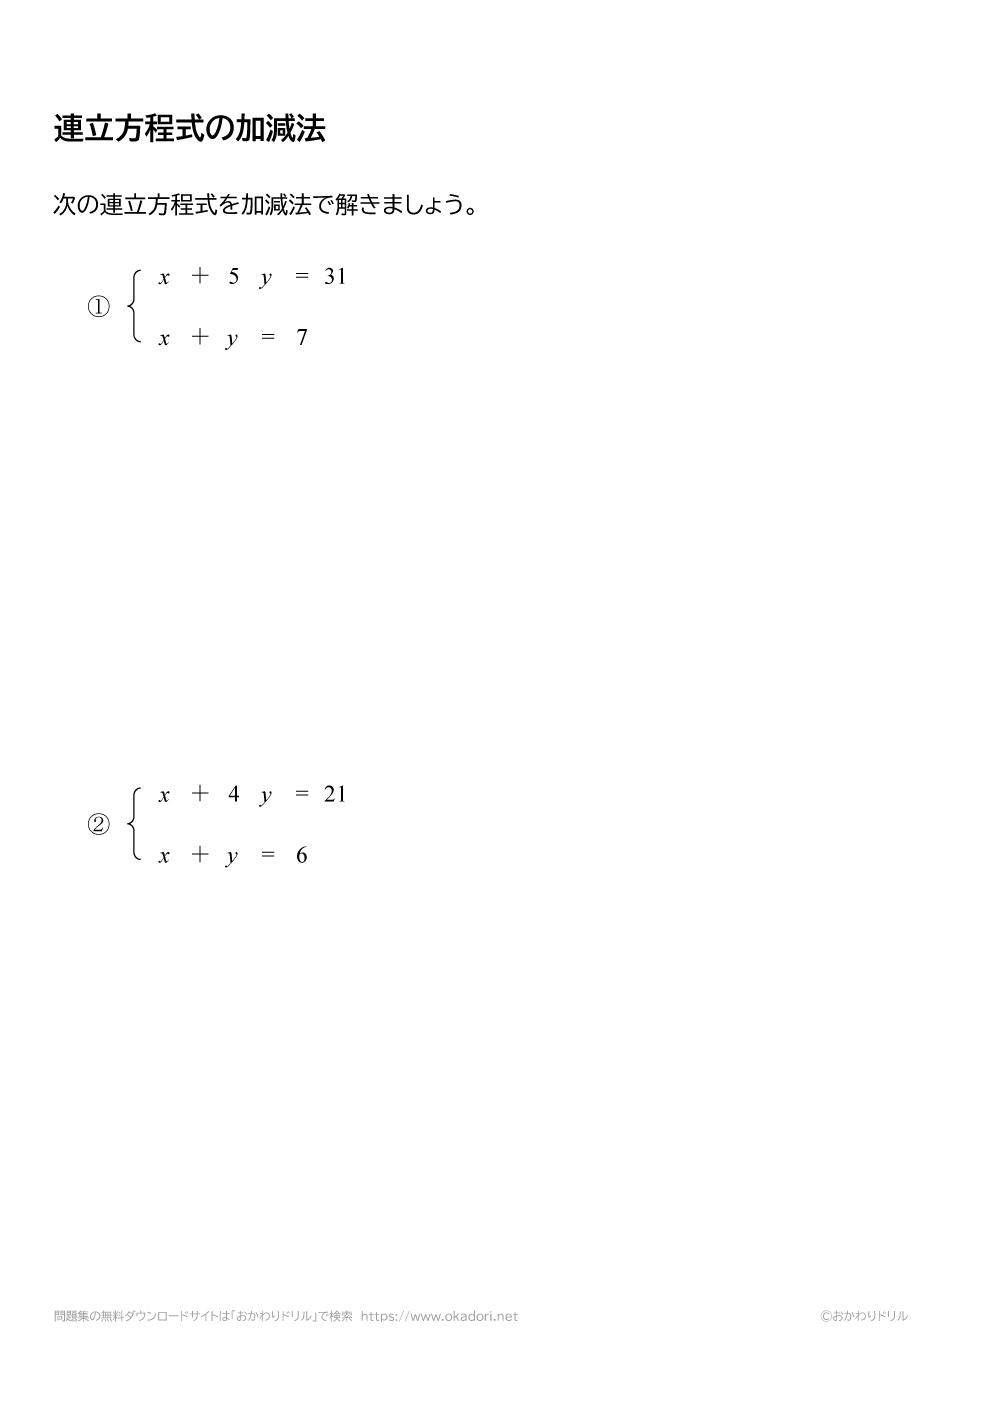 連立方程式を加減法で解くの問題と答え6